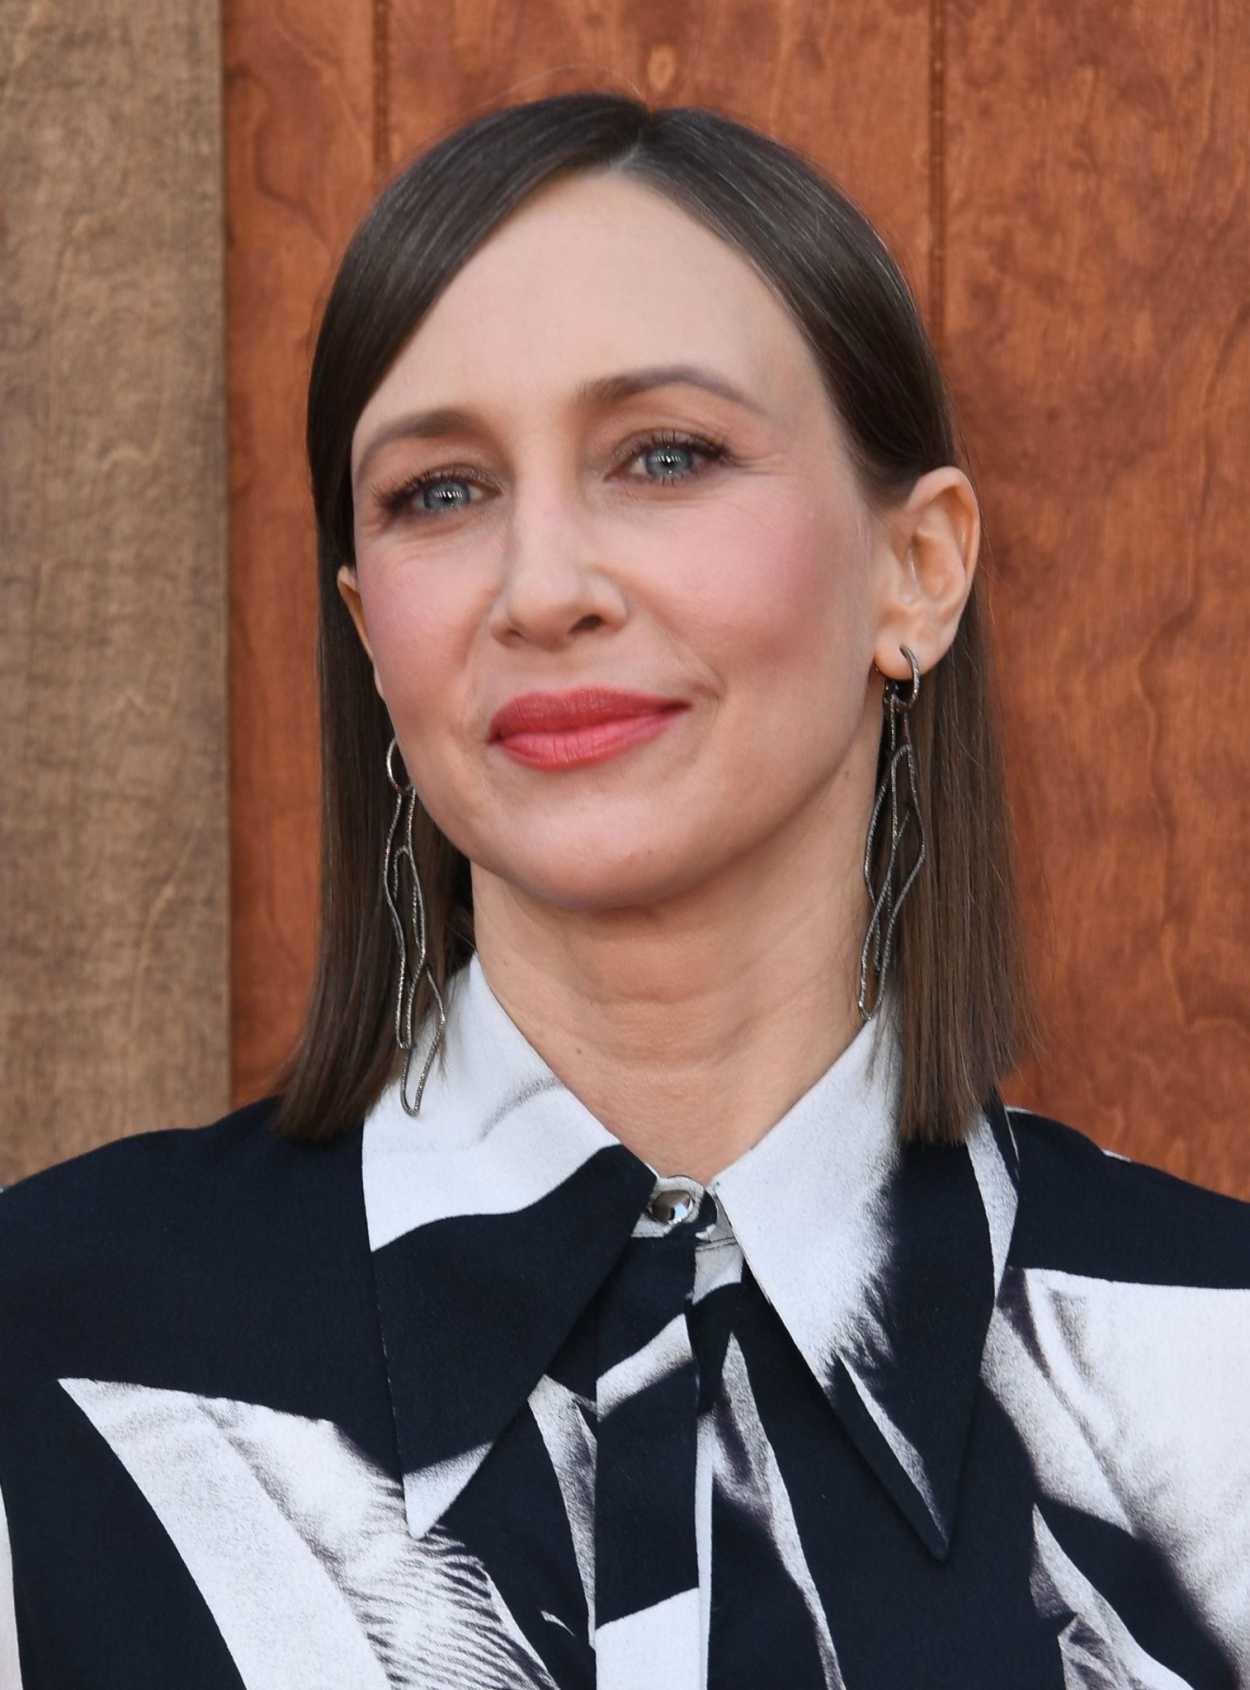 Vera Farmiga Attends Annabelle Comes Home Premiere in Los ...